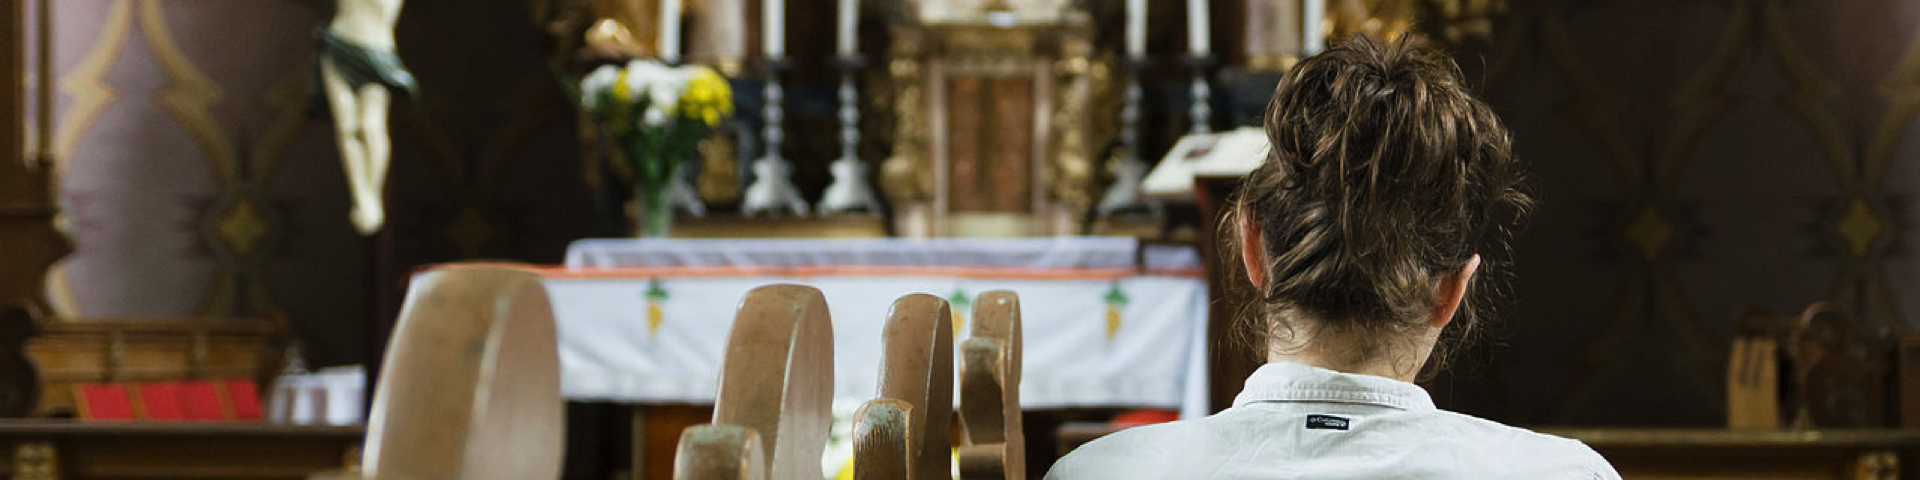 Meet Amy, the Average Catholic